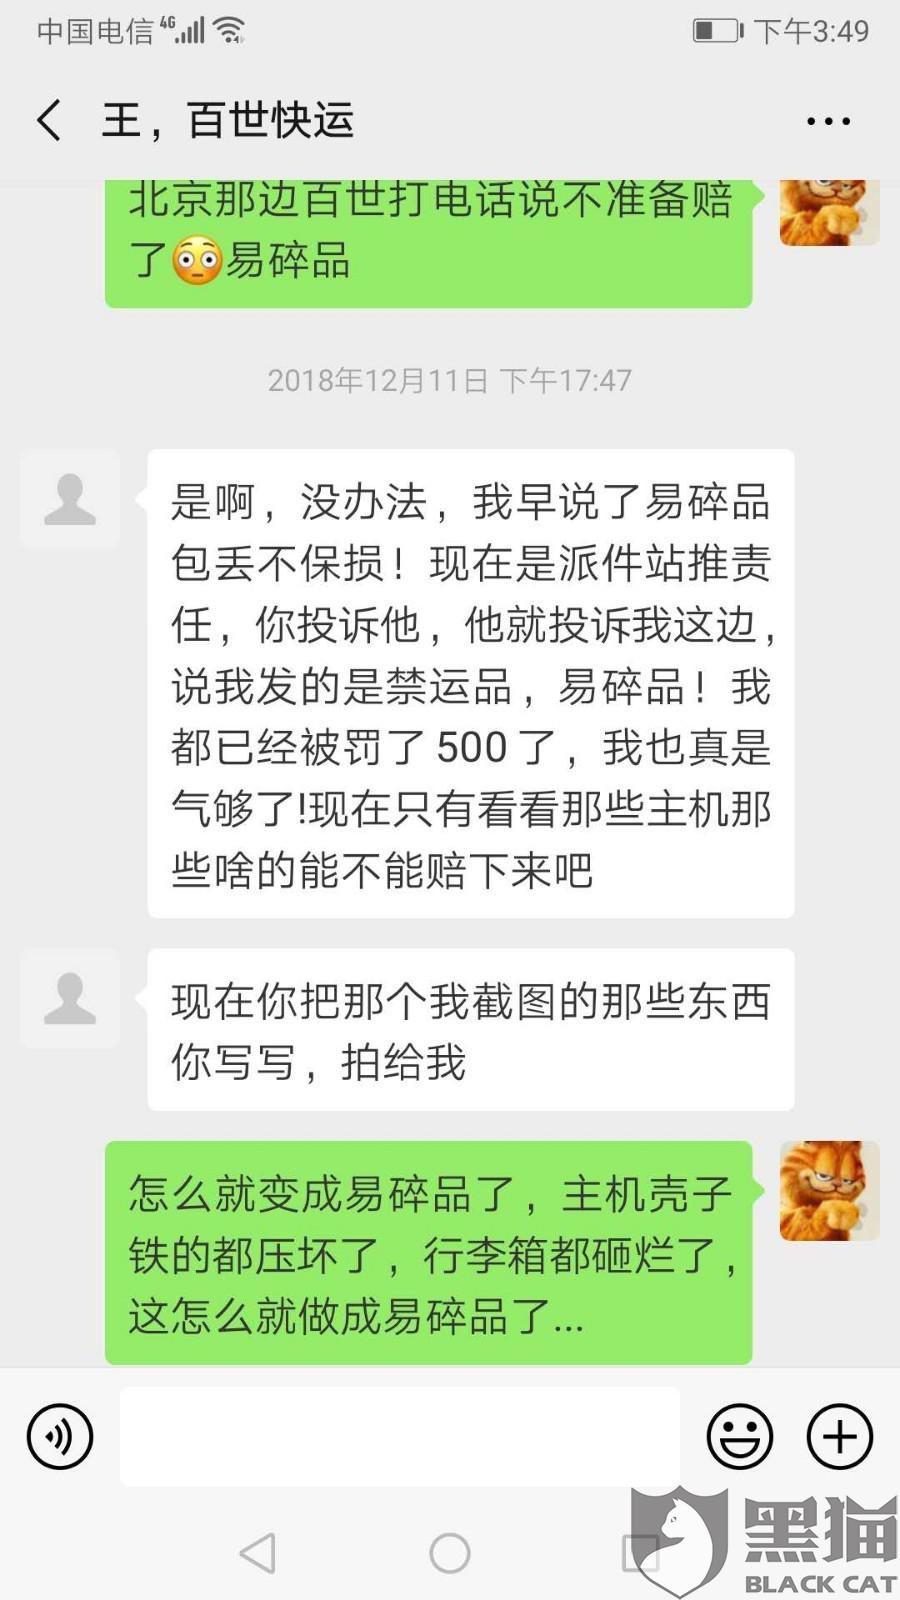 一开始是推责任,推派件教程推揽件网点,然后又说易碎品保丢不包autoit中文网点图片